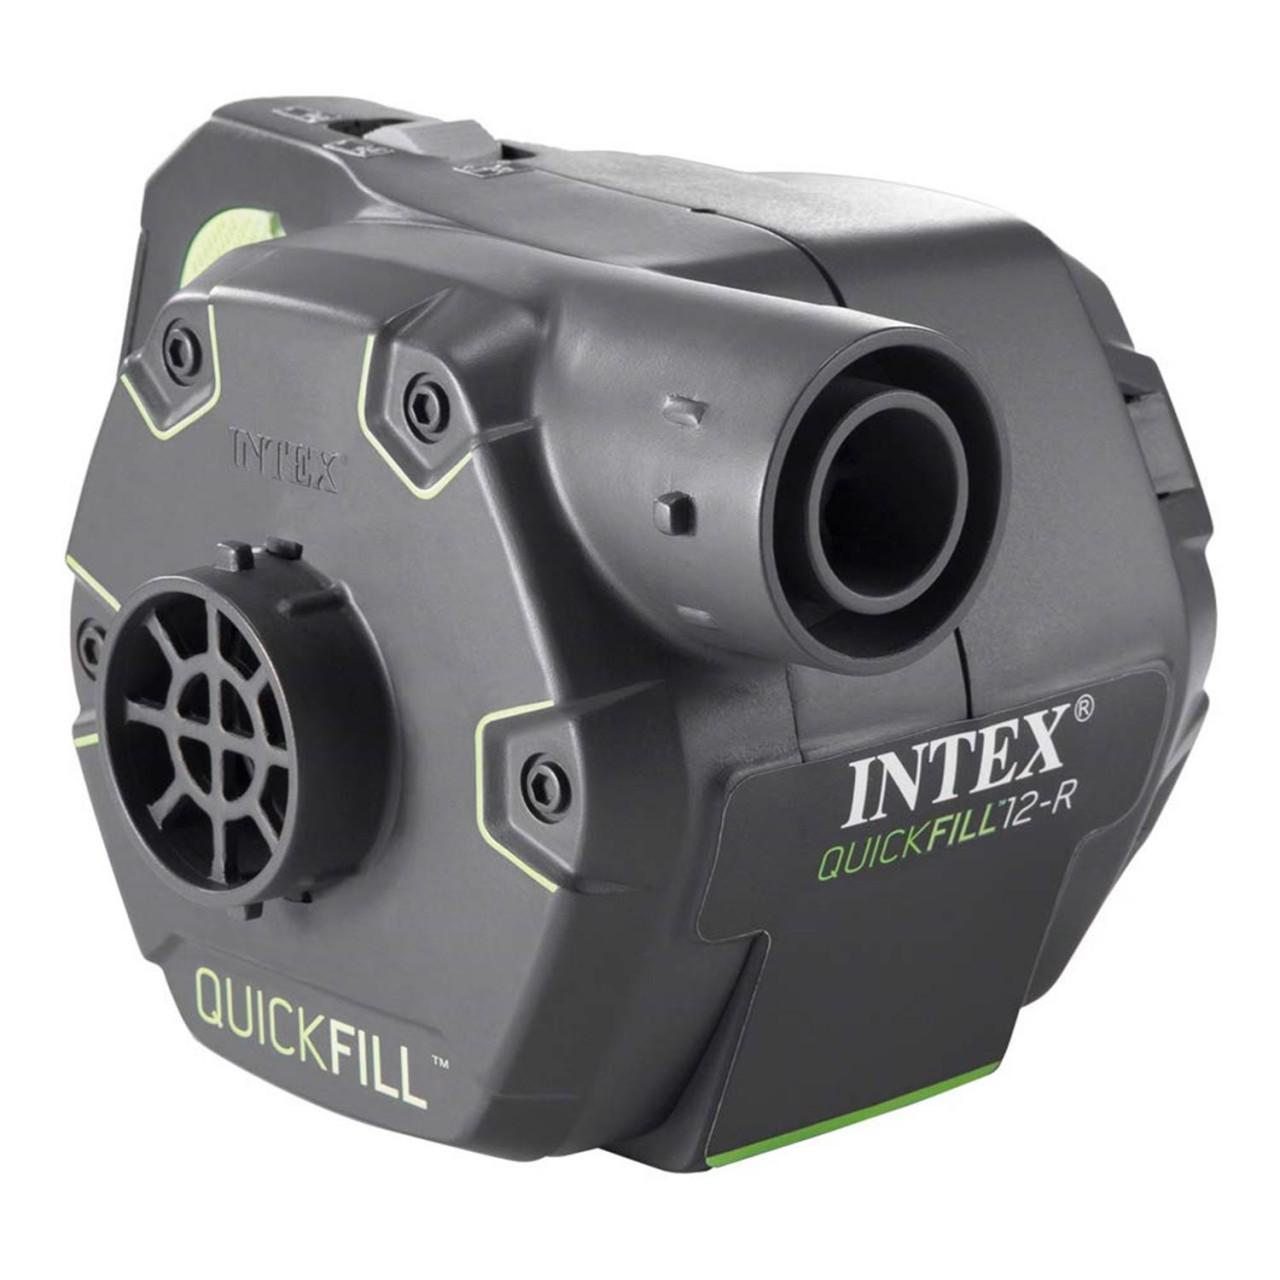 Intex 66642 Elektrische Luftpumpe Pumpe aufladbar für Luftbett Badeinsel Adapter